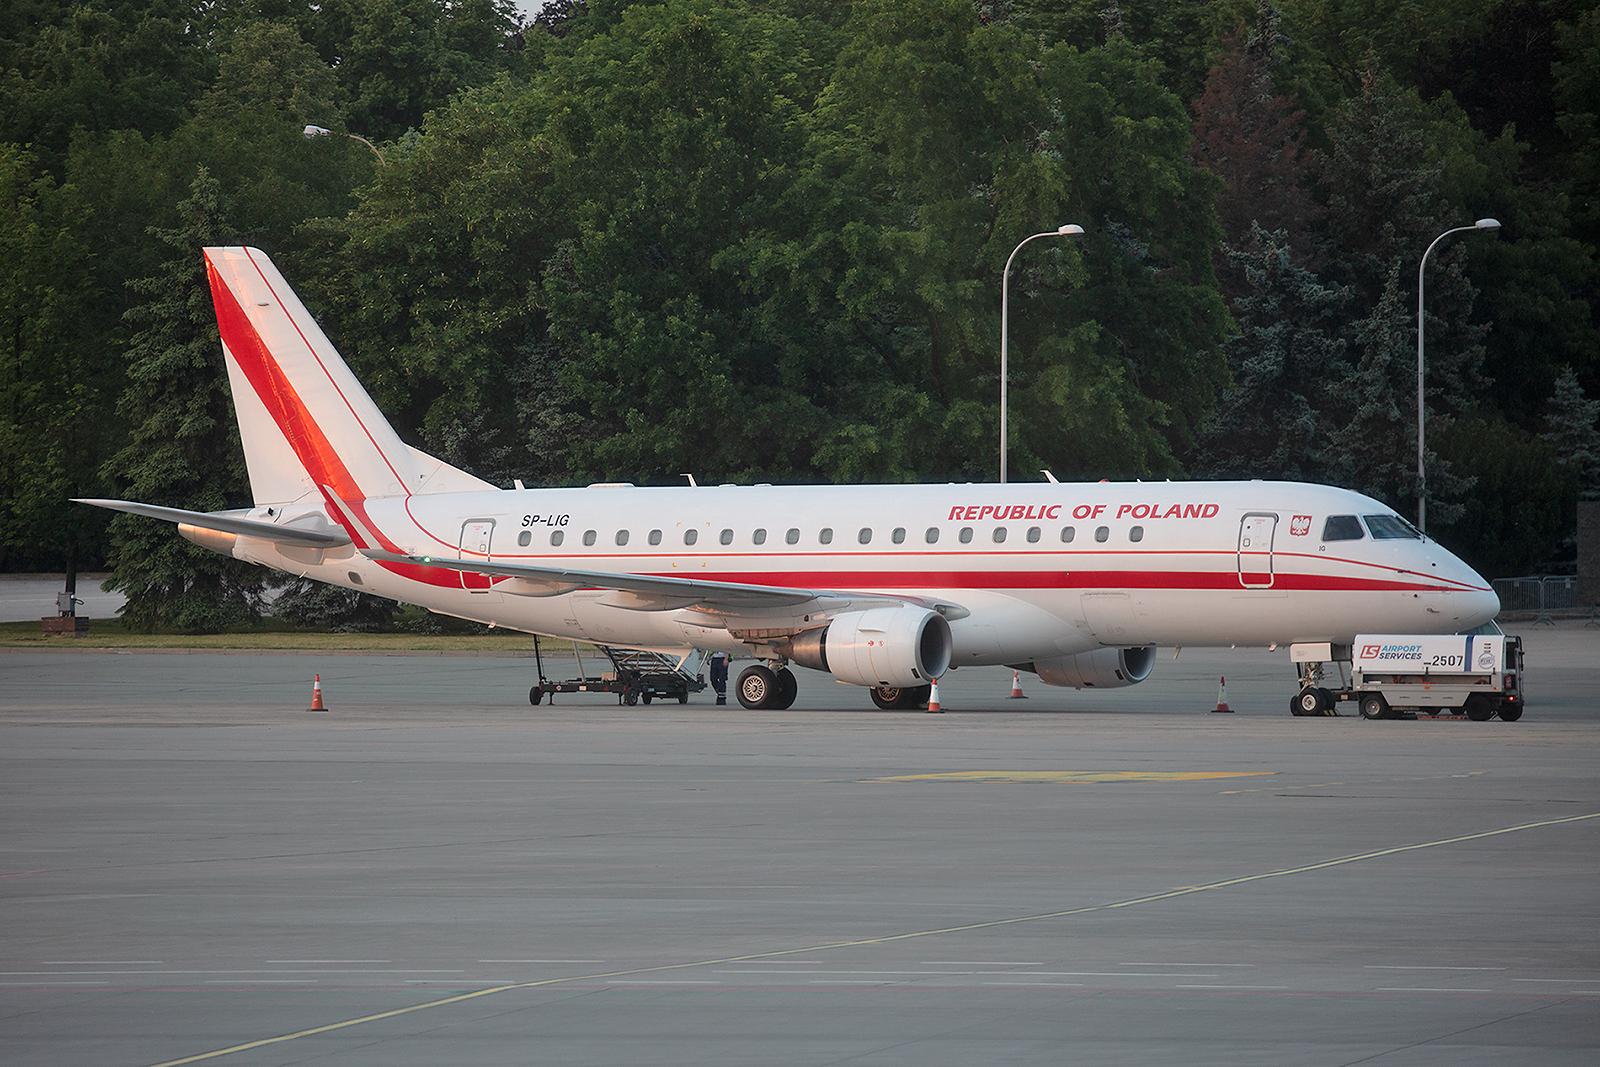 Die SP-LIG ist schon seit einigen Jahren von LOT an die polnische Luftwaffe vermietet. Nach dem Absturz einer Tu-154 bei Smolensk brauchte man schnell Kapazitäten im VIP-Transport.